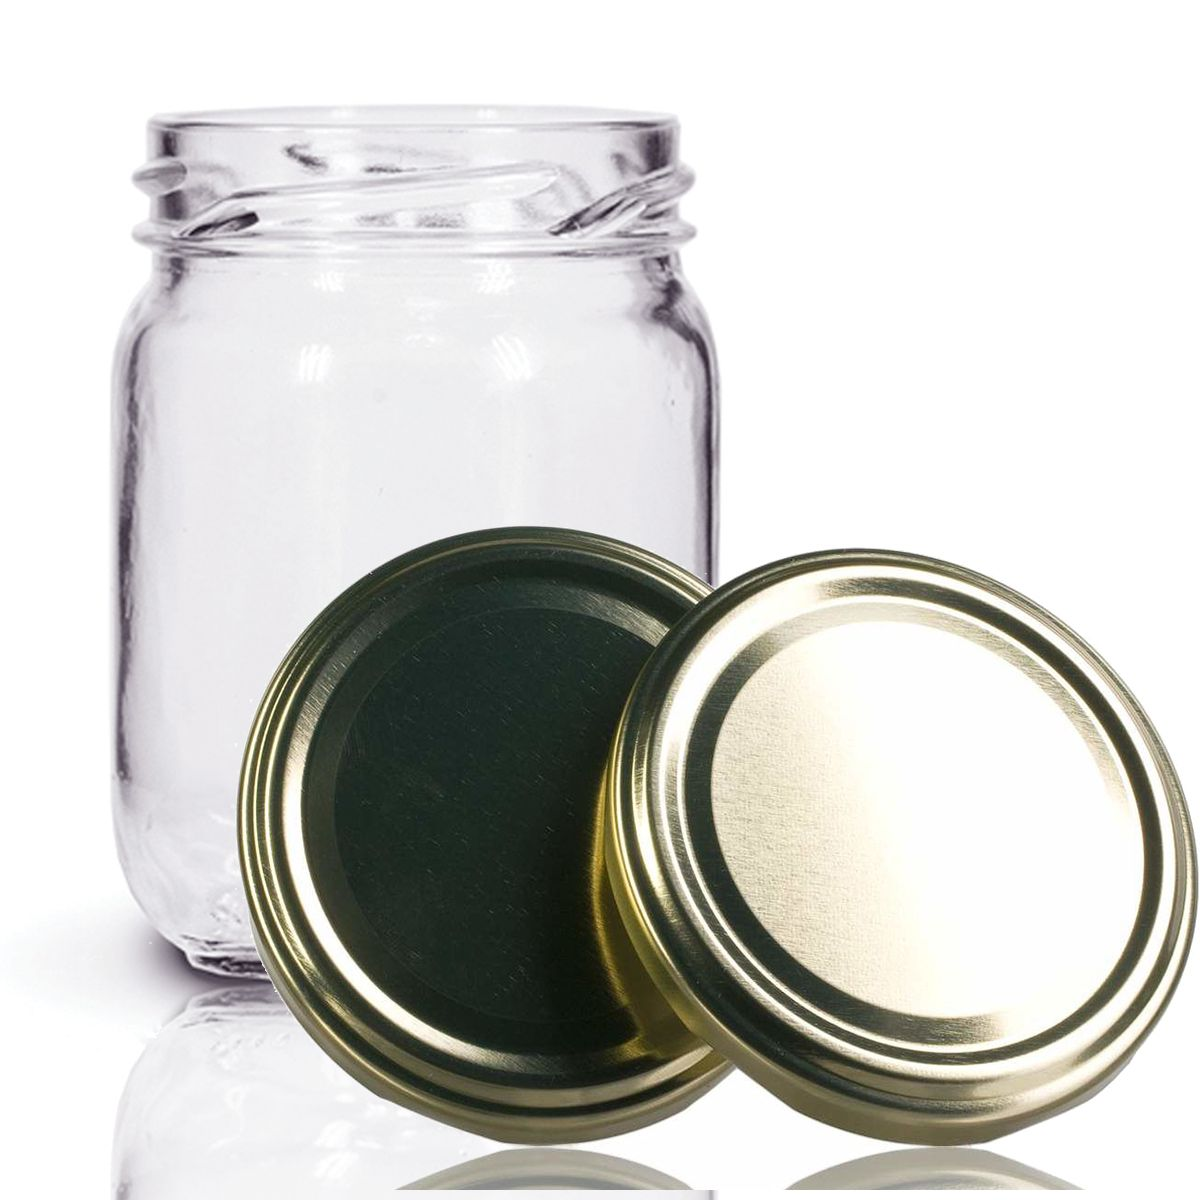 96 Potes De Vidro Conserva 200 Ml Com Tampa Dourada + Lacre  - EMPÓRIO PACK